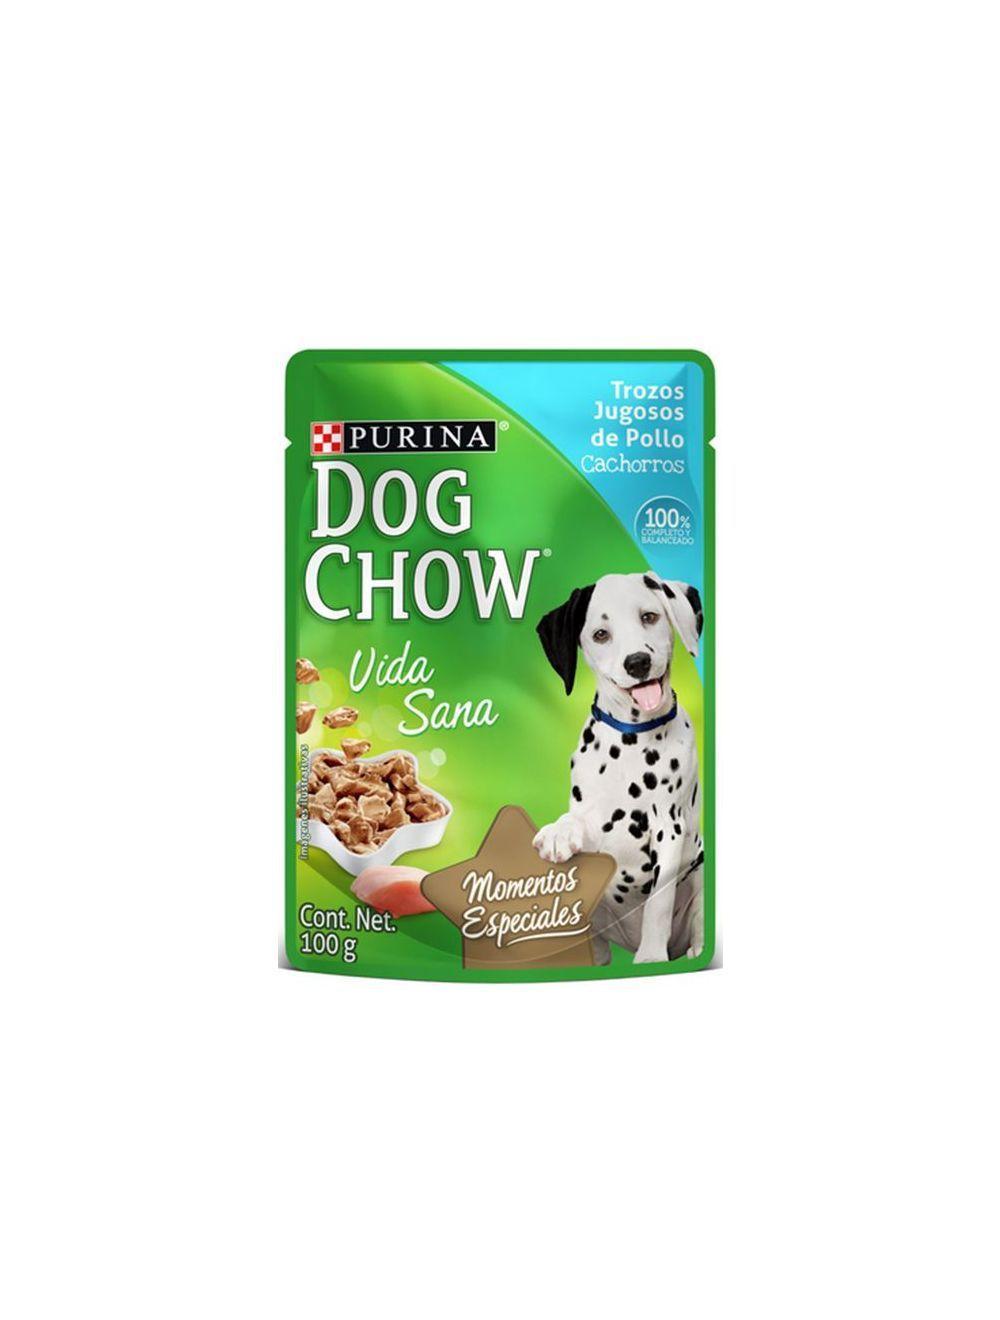 Dog chow pouch trozos pollo para cachorros-Ciudaddemascotas.com